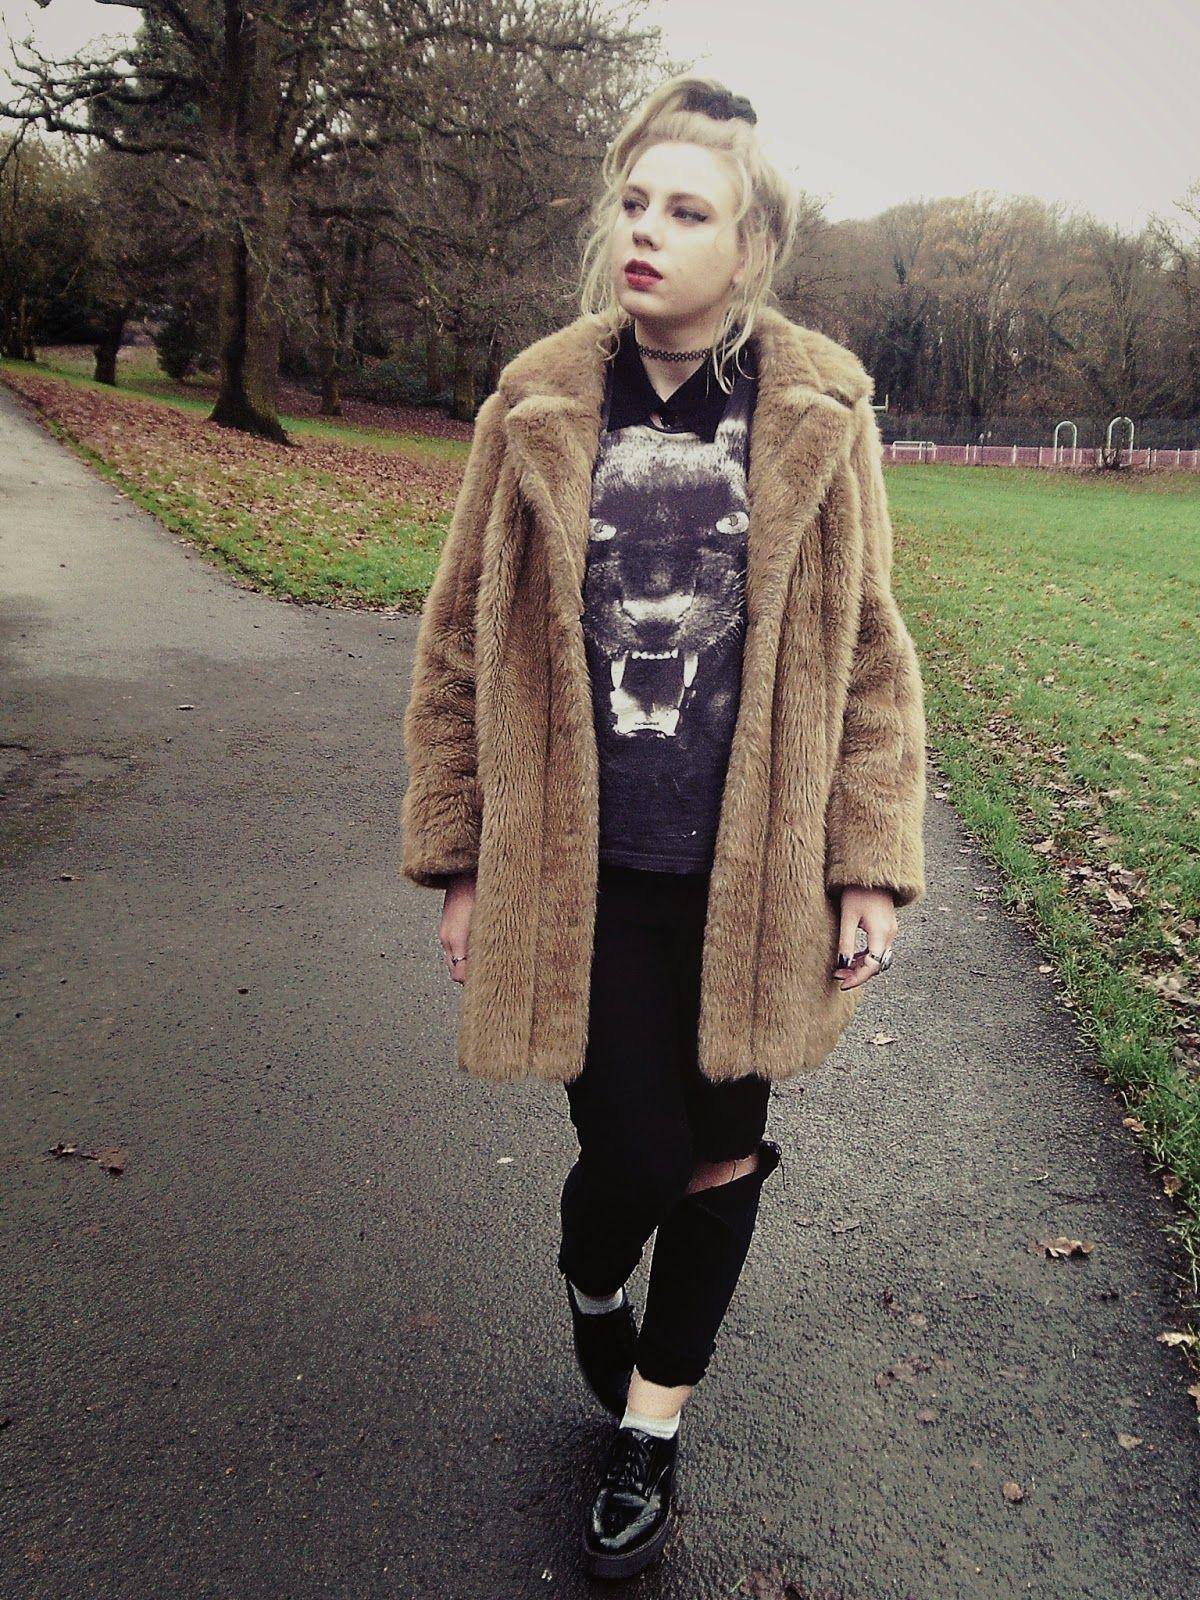 camel+coat,+camel+coat+outfit,+fur+camel+